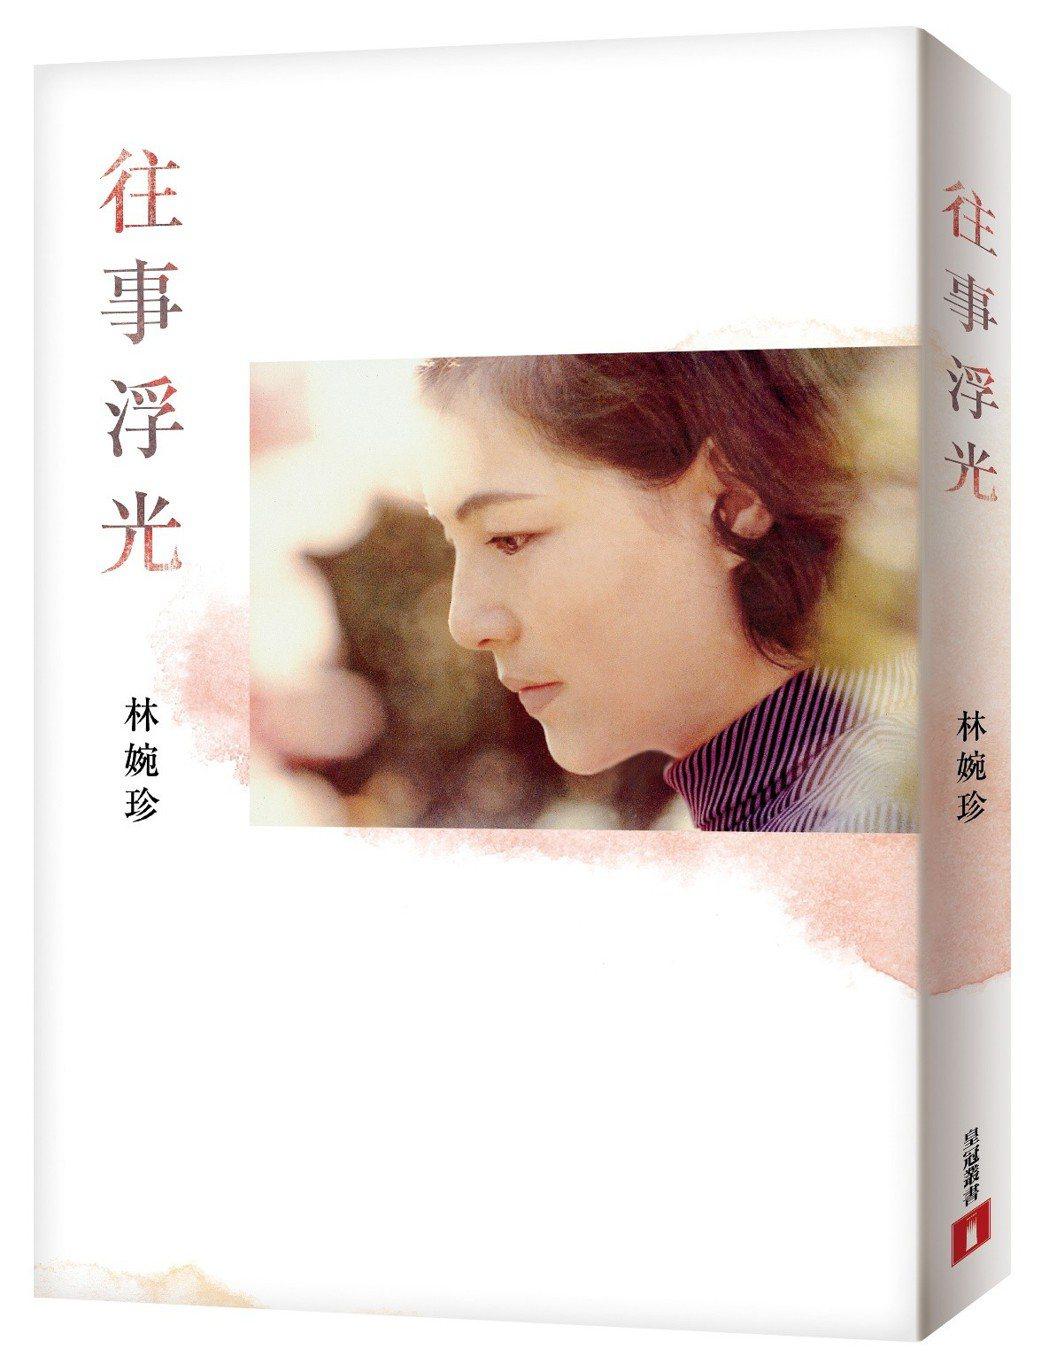 平鑫濤前妻林婉珍出版回憶錄「往事浮光」,回憶自己的前半生。圖/皇冠提供